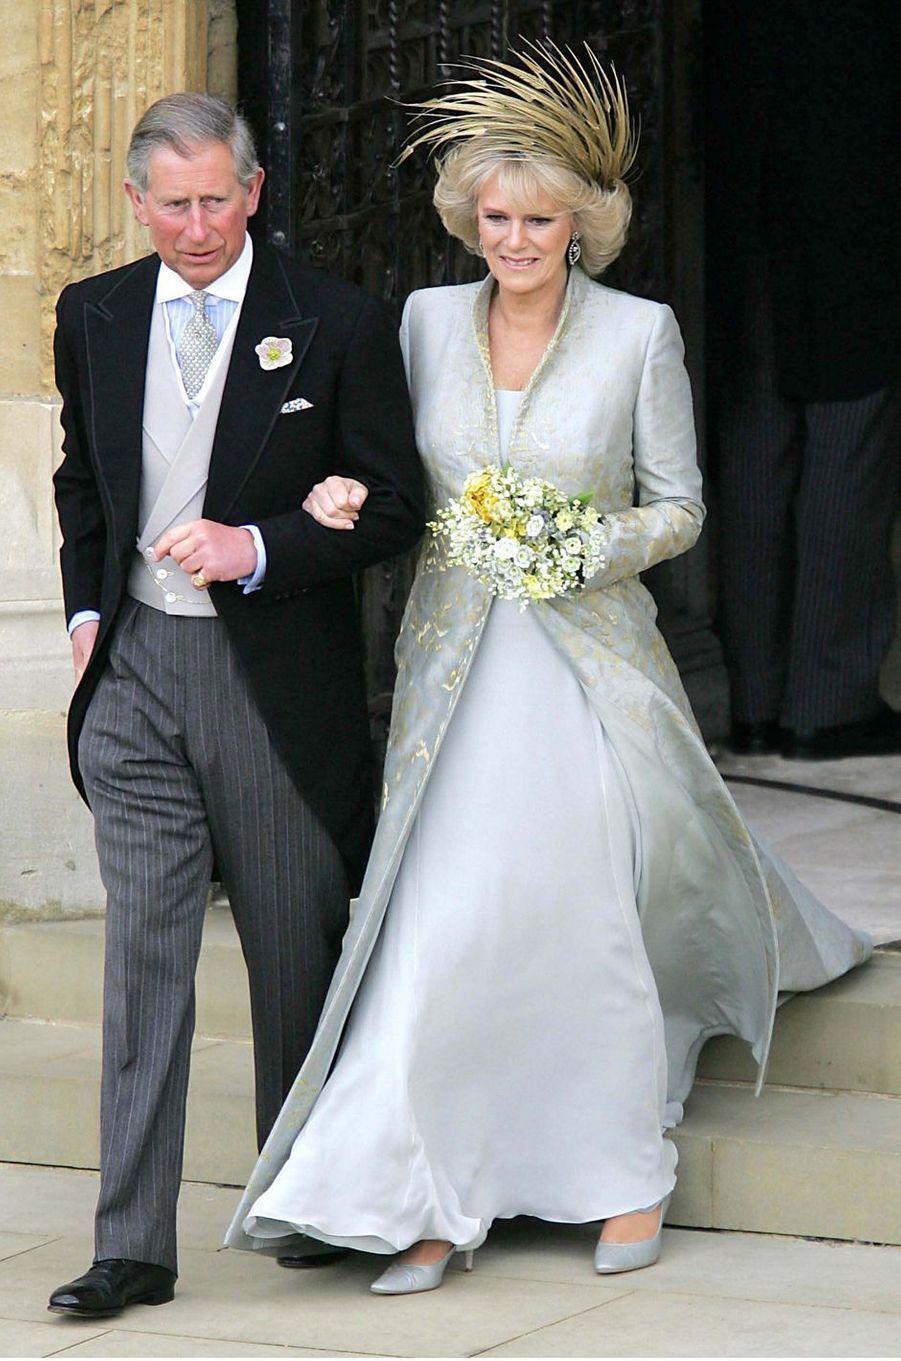 La tenue de Camilla Parker Bowles pour la cérémonie religieuse de son mariage avec le prince Charles, le 9 avril 2005